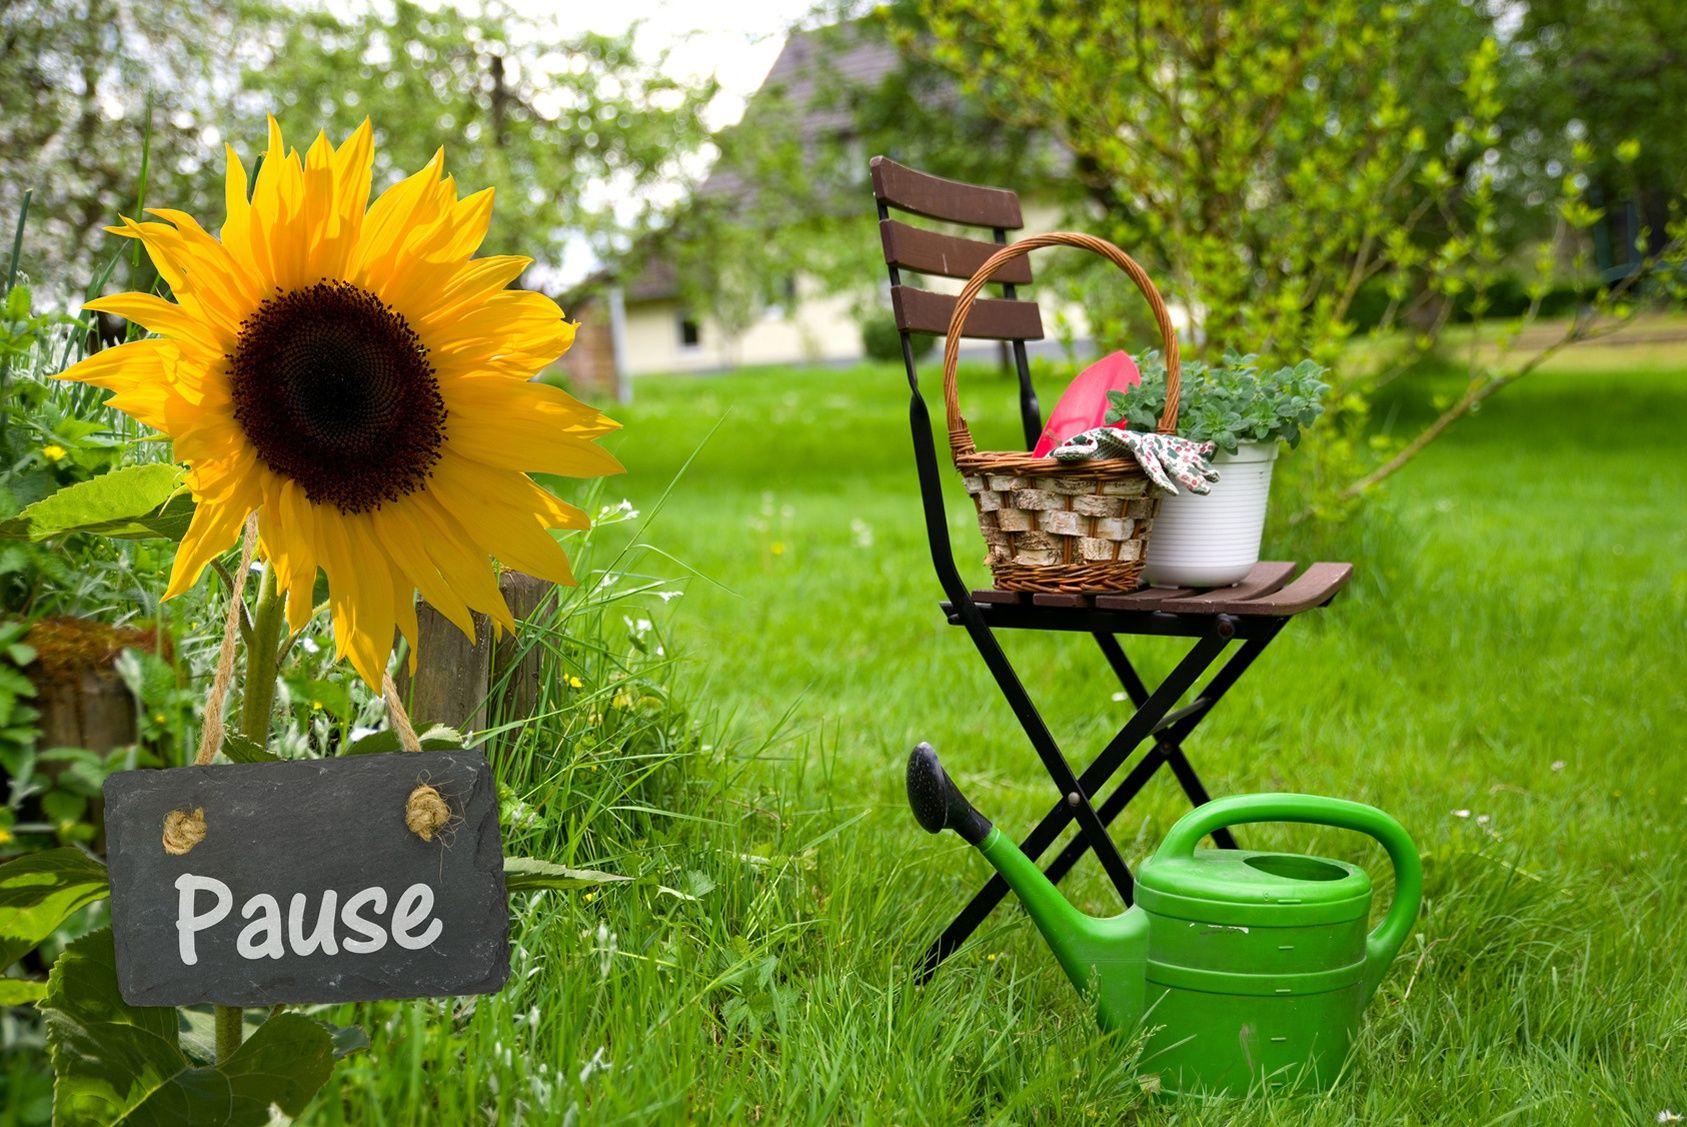 vacances pr parez votre jardin se passer de vous. Black Bedroom Furniture Sets. Home Design Ideas